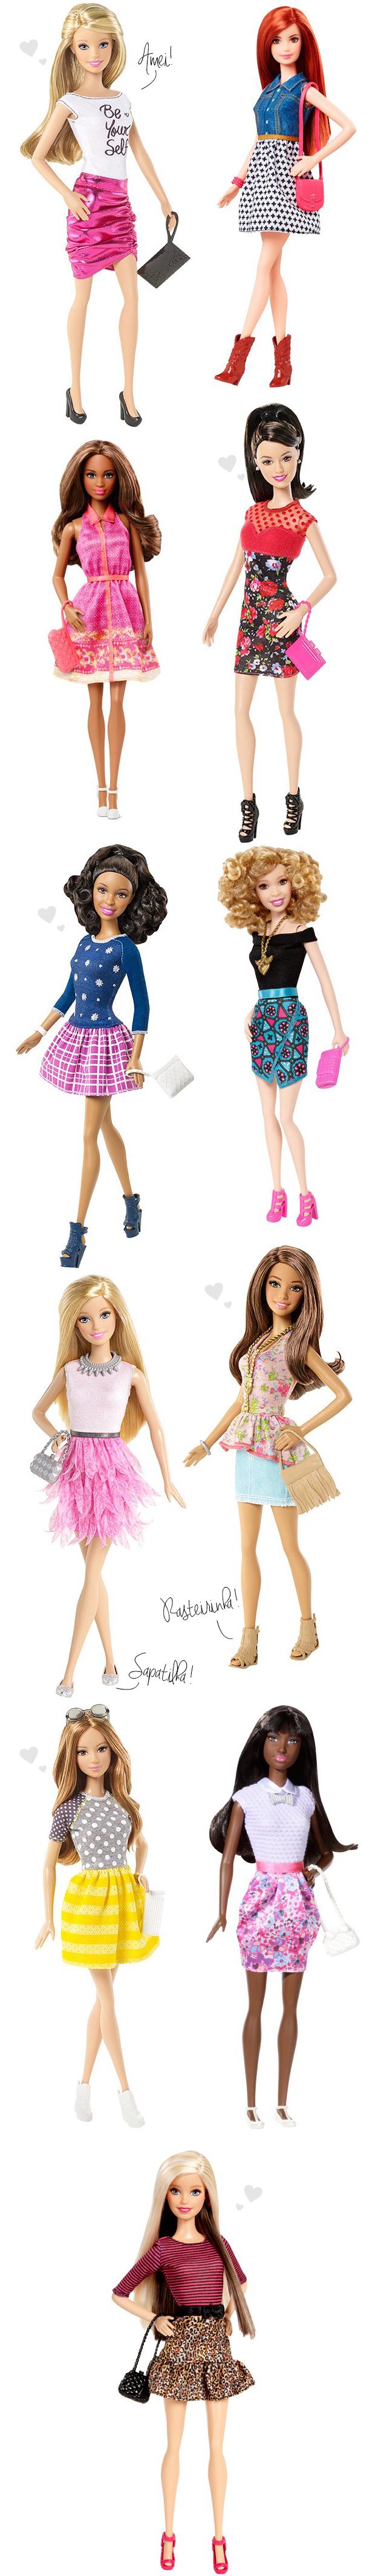 Barbie fashionista 2015 etnias boneca sua cara blog got sin 02